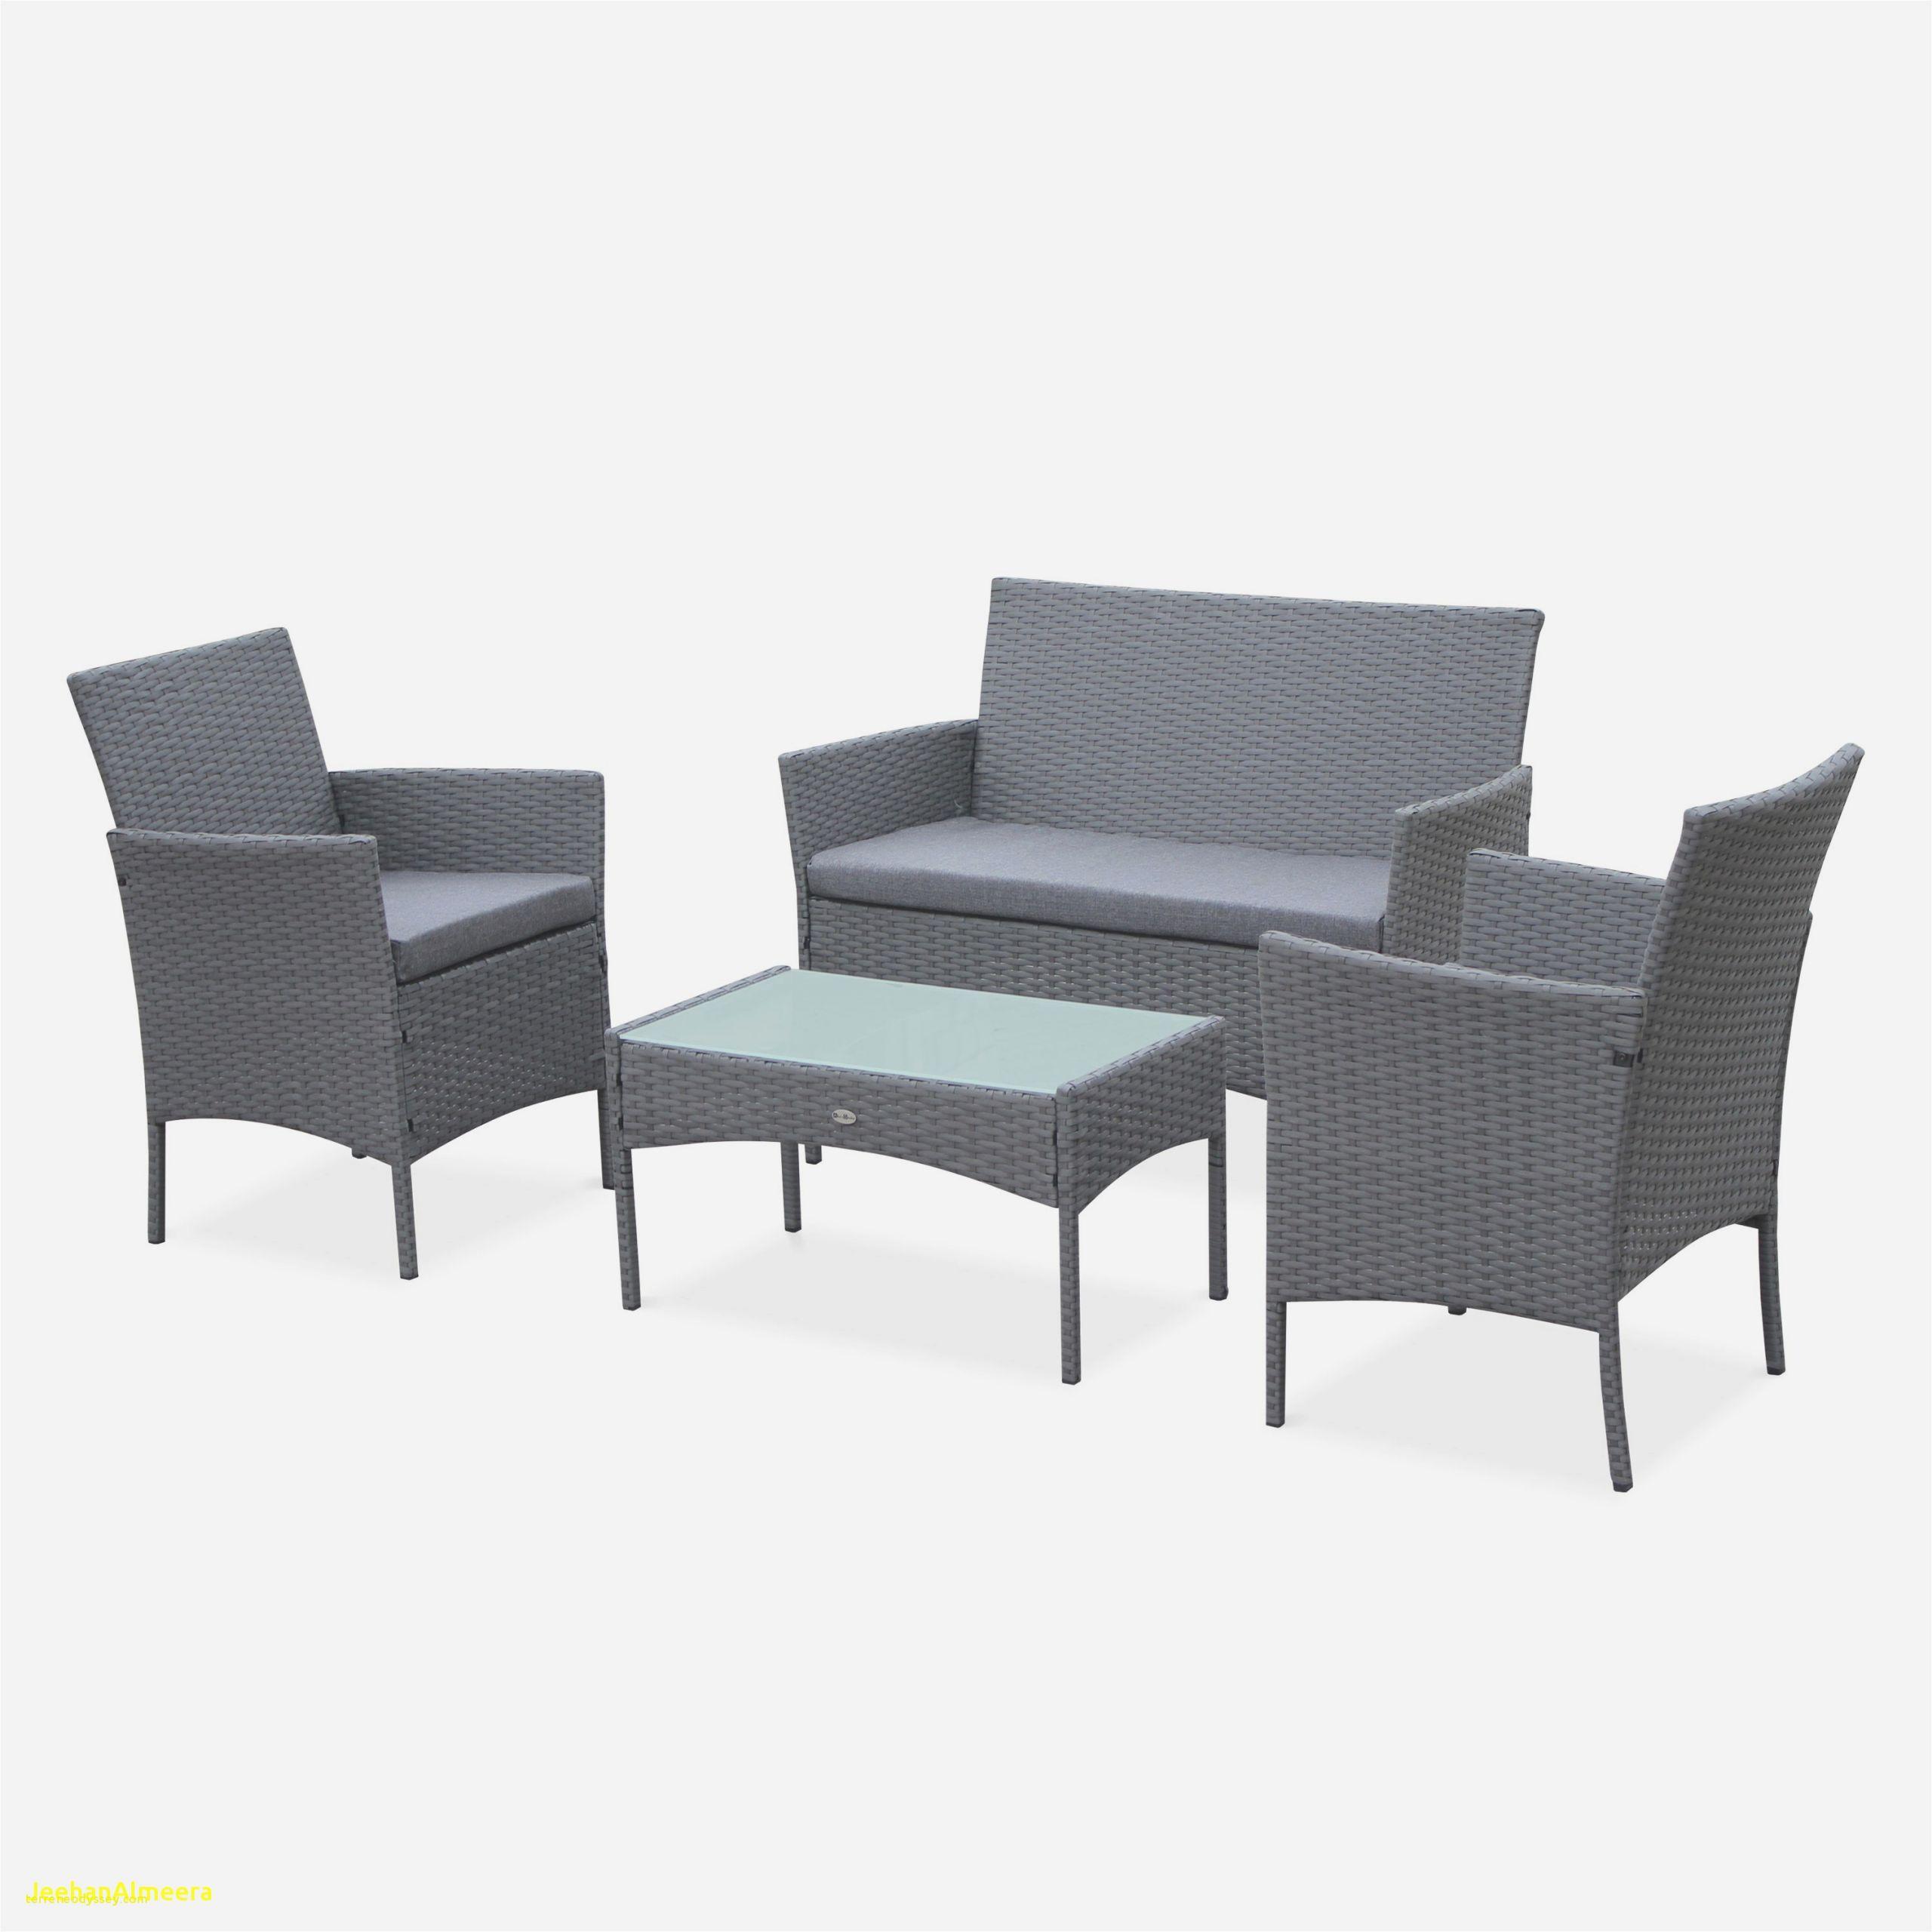 meubles carrefour soldes resultat superieur chaise pliante nouveau chaise basse de jardin of meubles carrefour soldes